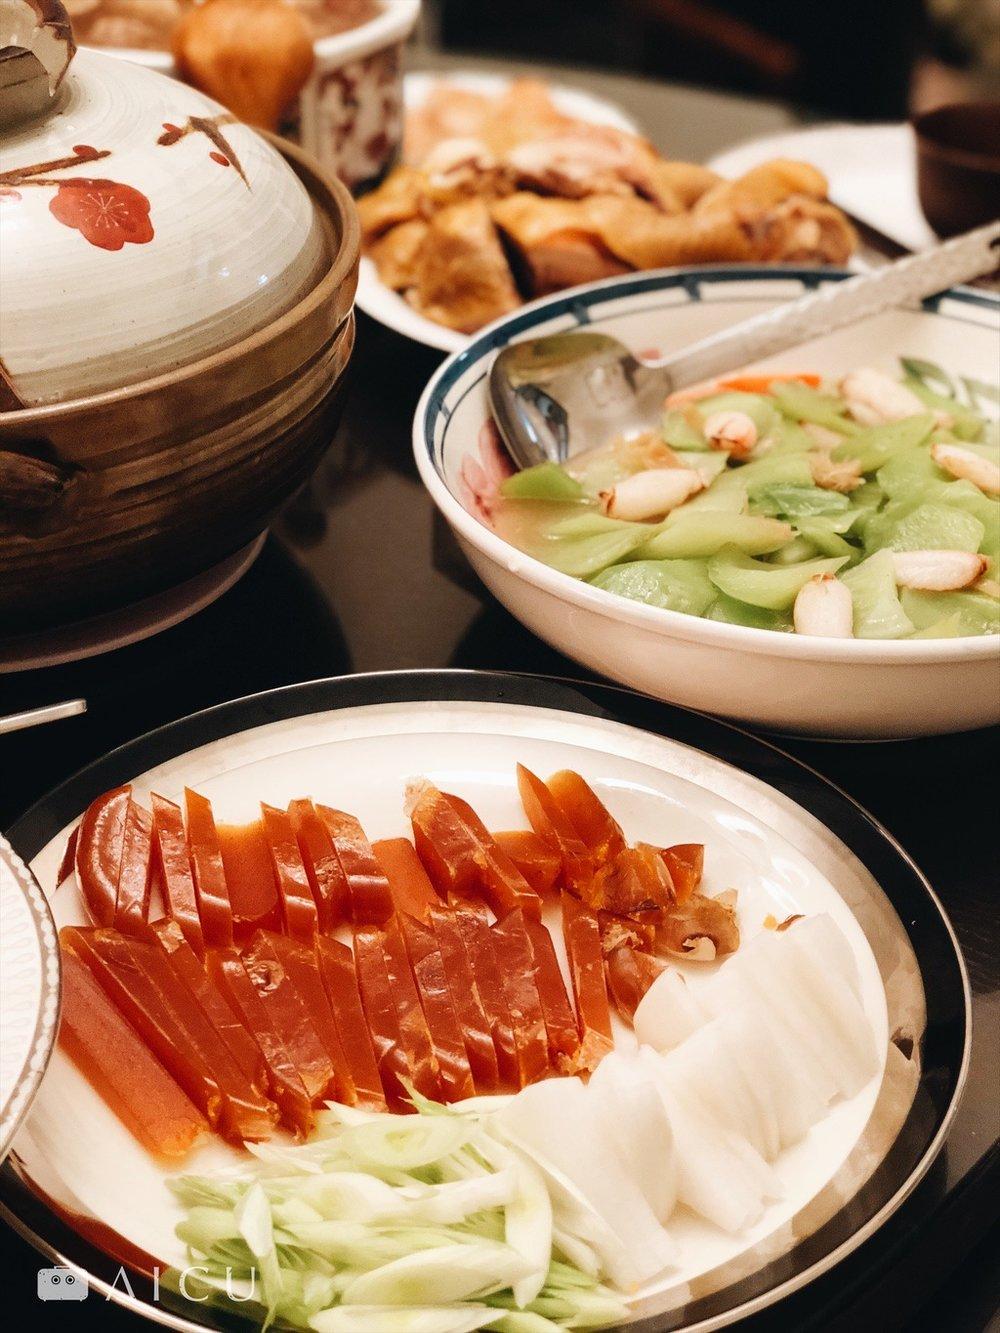 01 冷壓烏魚子 - 只要一分鐘就解決一道好菜連續榮獲台灣全國烏魚子競賽特等獎